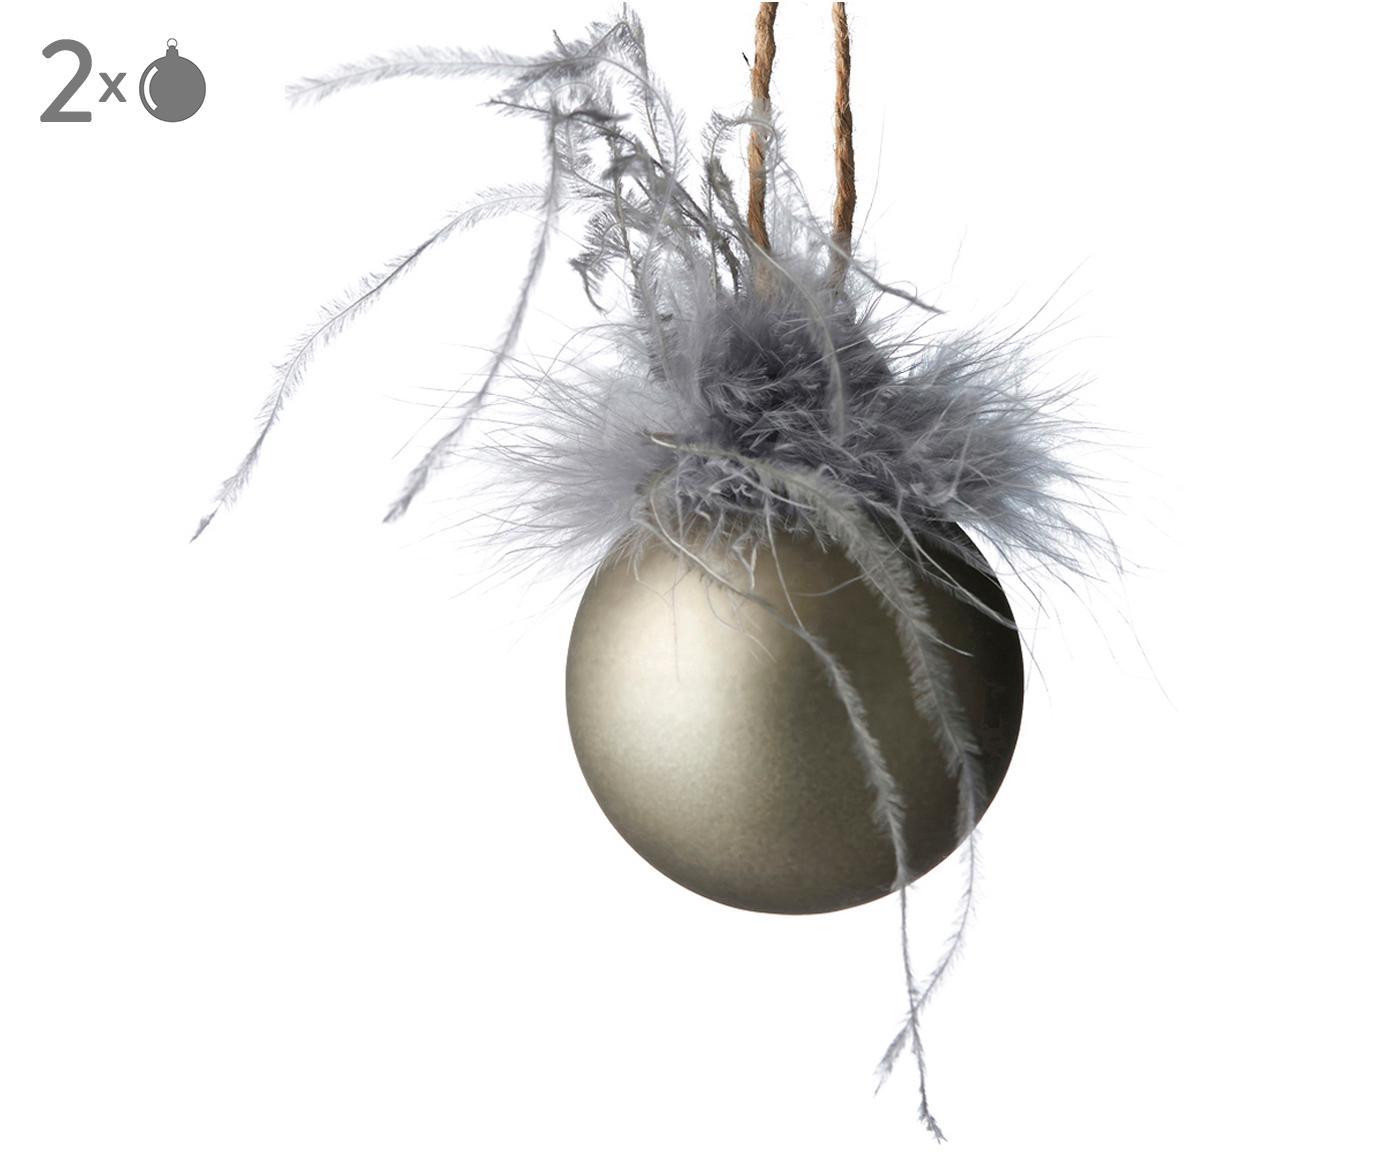 Kerstballen Fethia, 2 stuks, Decoratie: kunstveren, Champagnekleurig, Ø 6 x H 8 cm